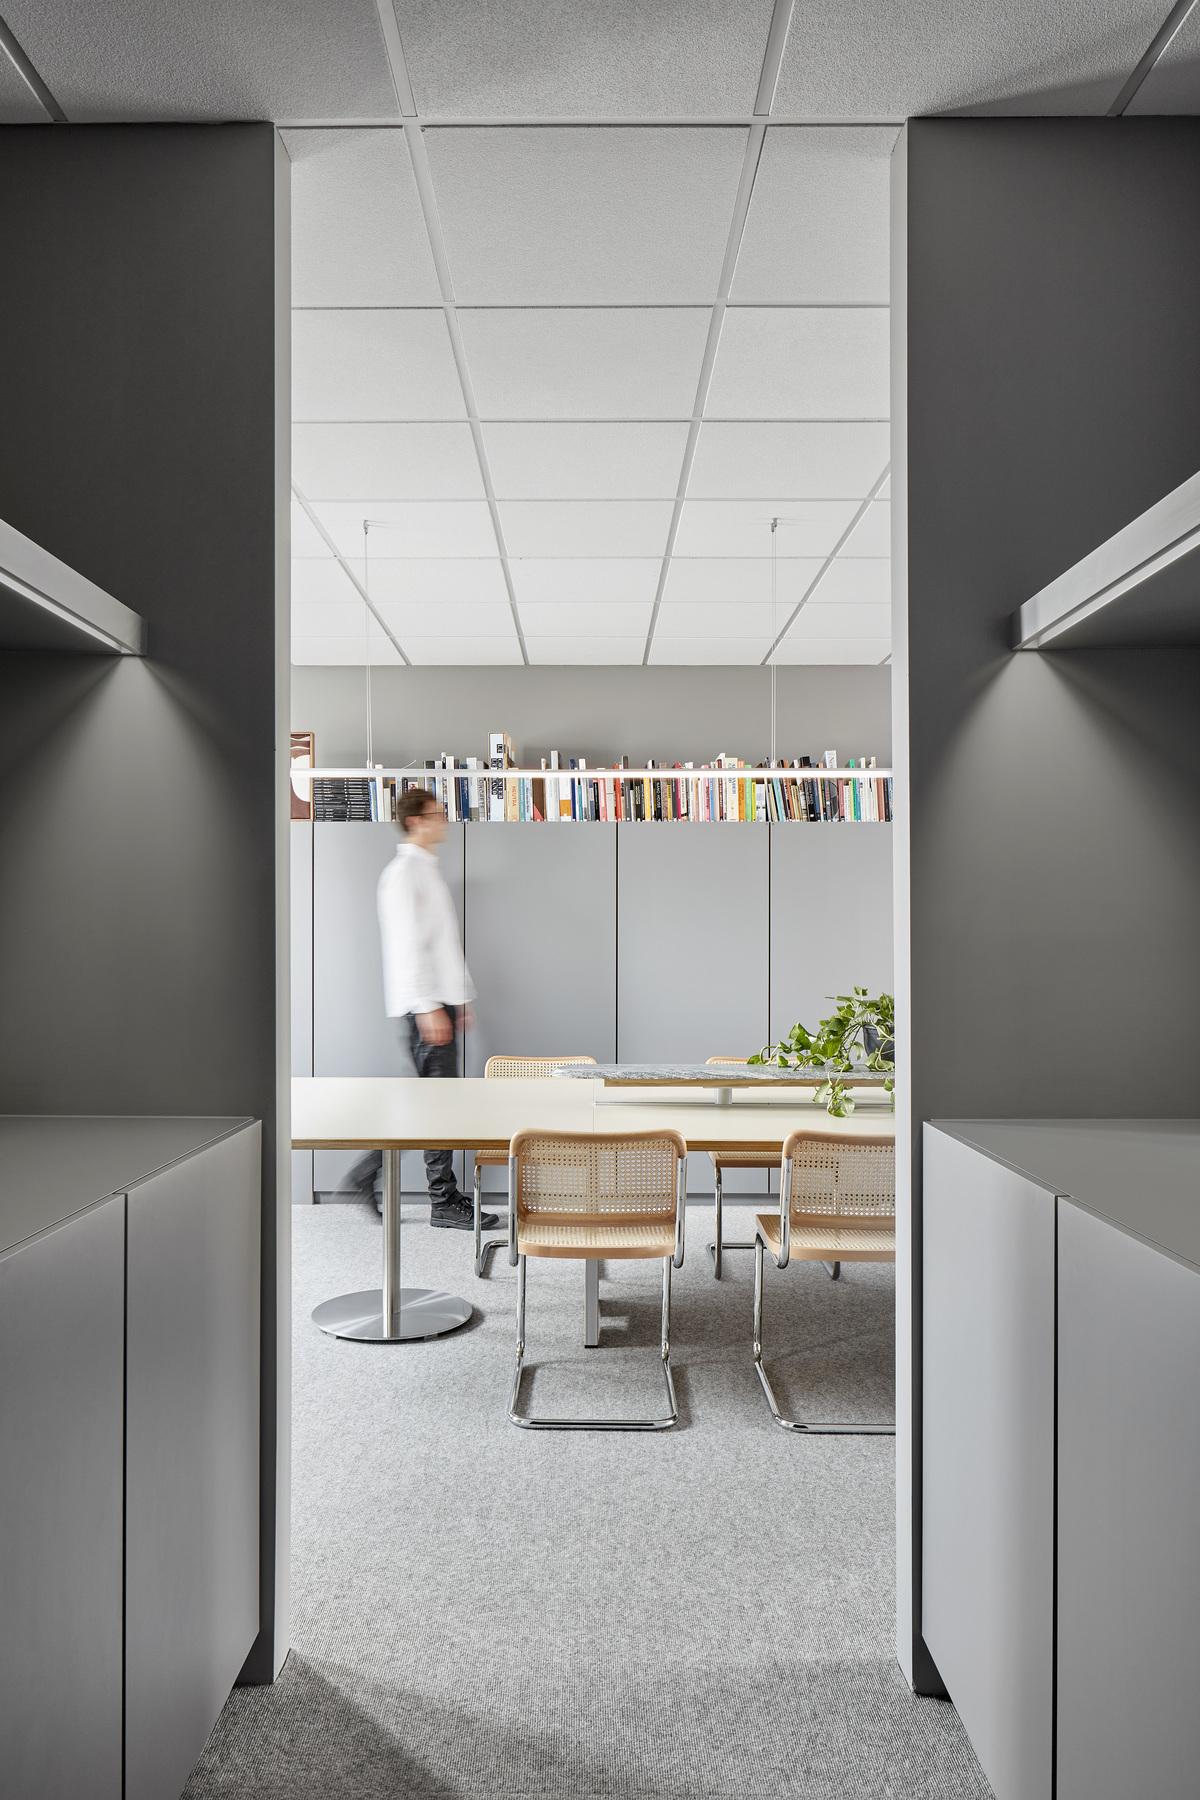 Davidoff Architects studio